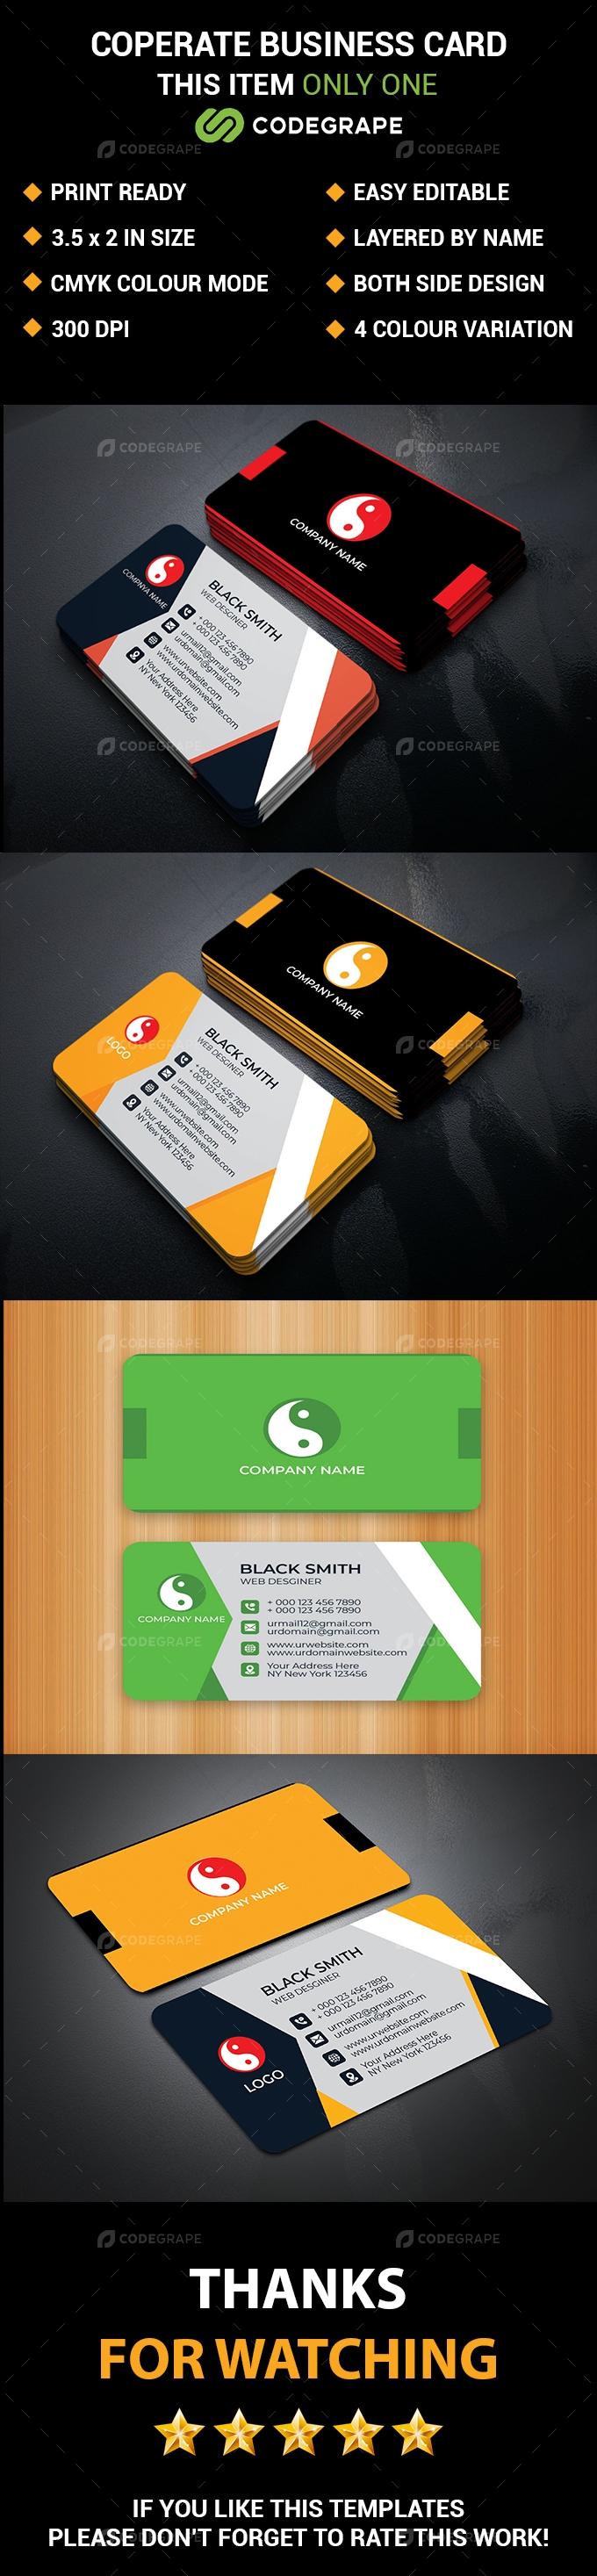 Coperate Business Card